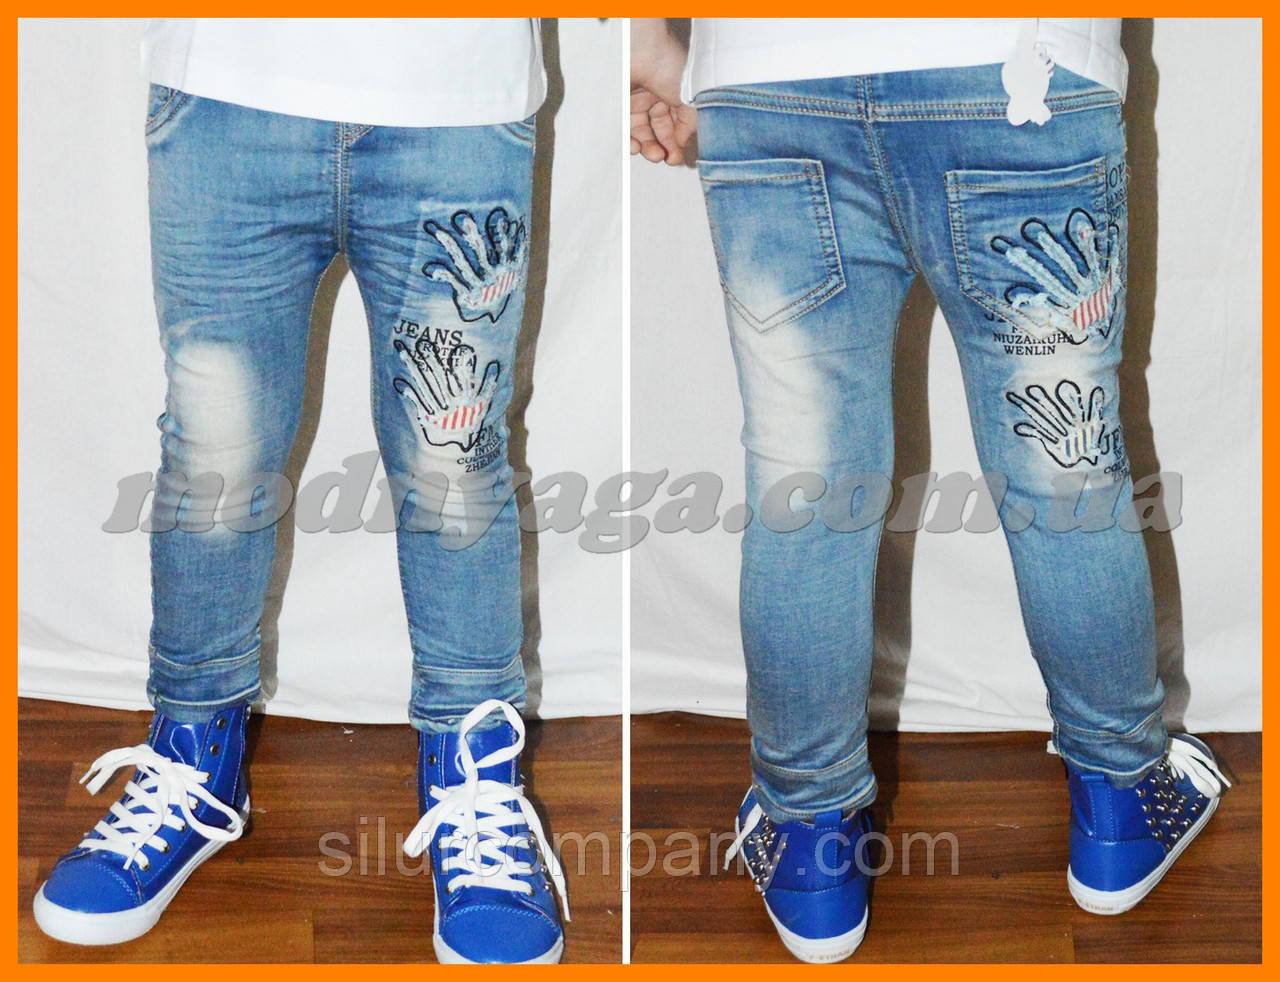 джинсы картинка для детей